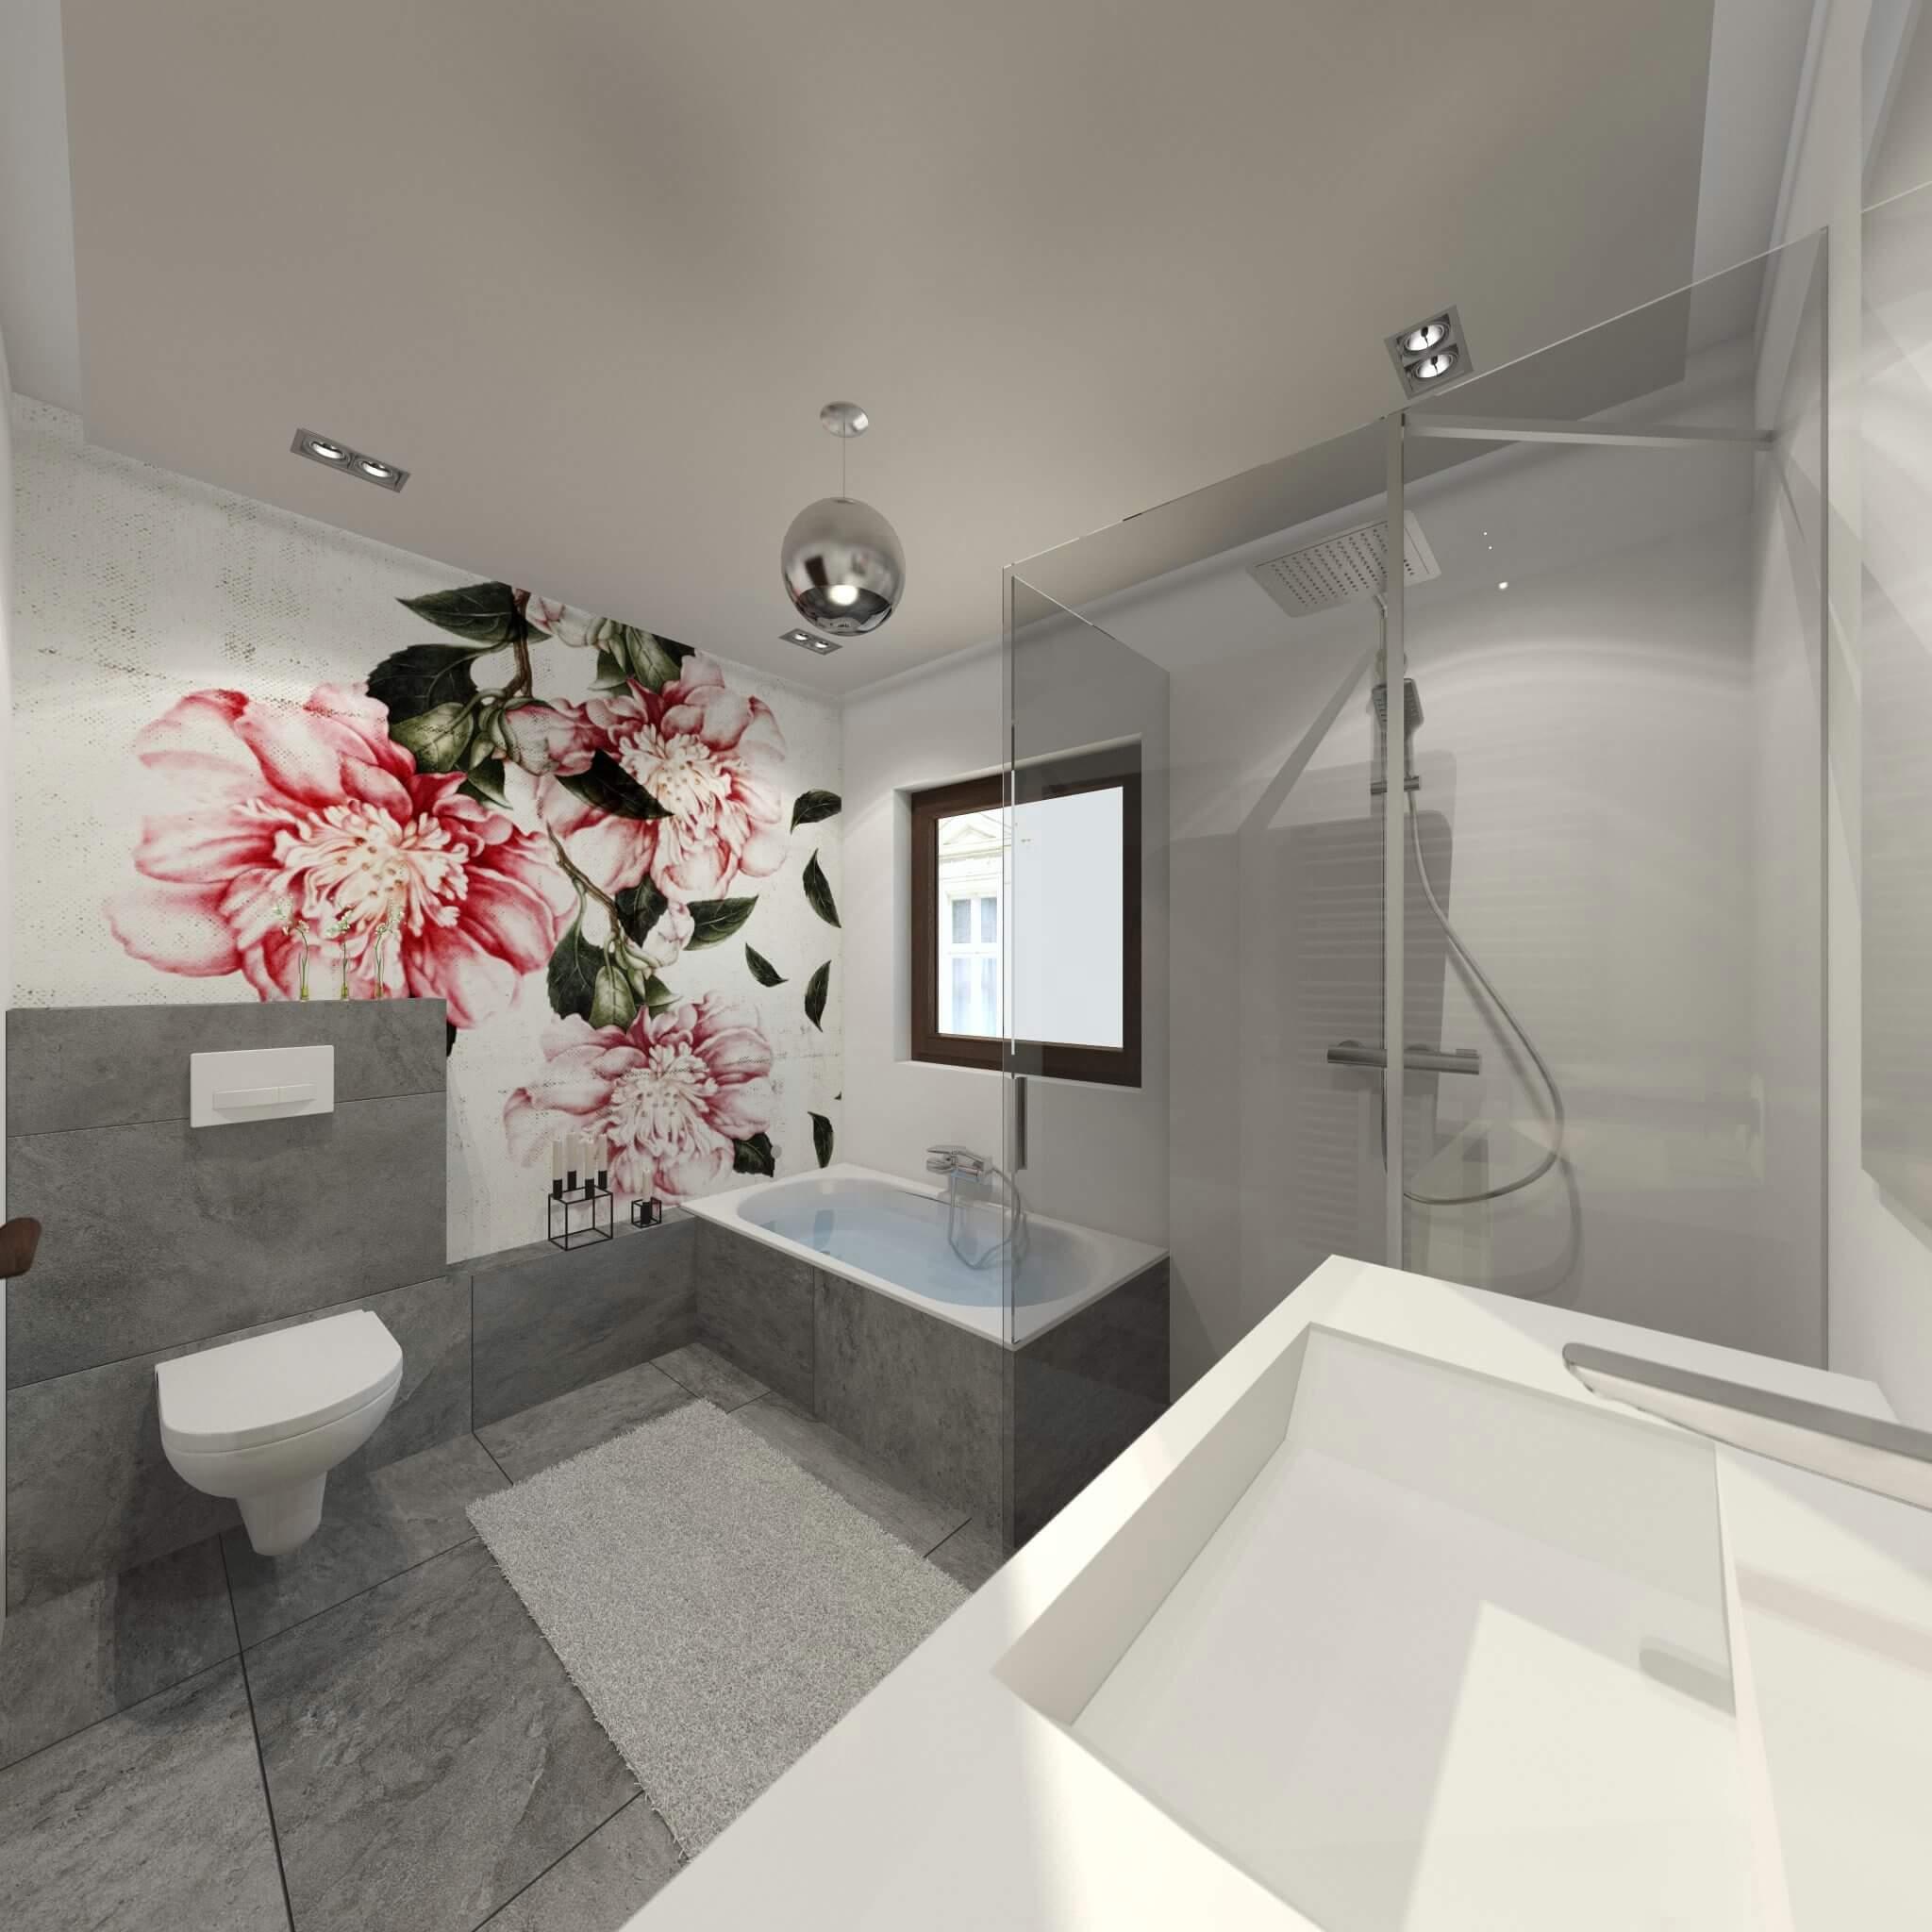 Badezimmer Designen | 28 Fantastisch Badezimmer Gestalten